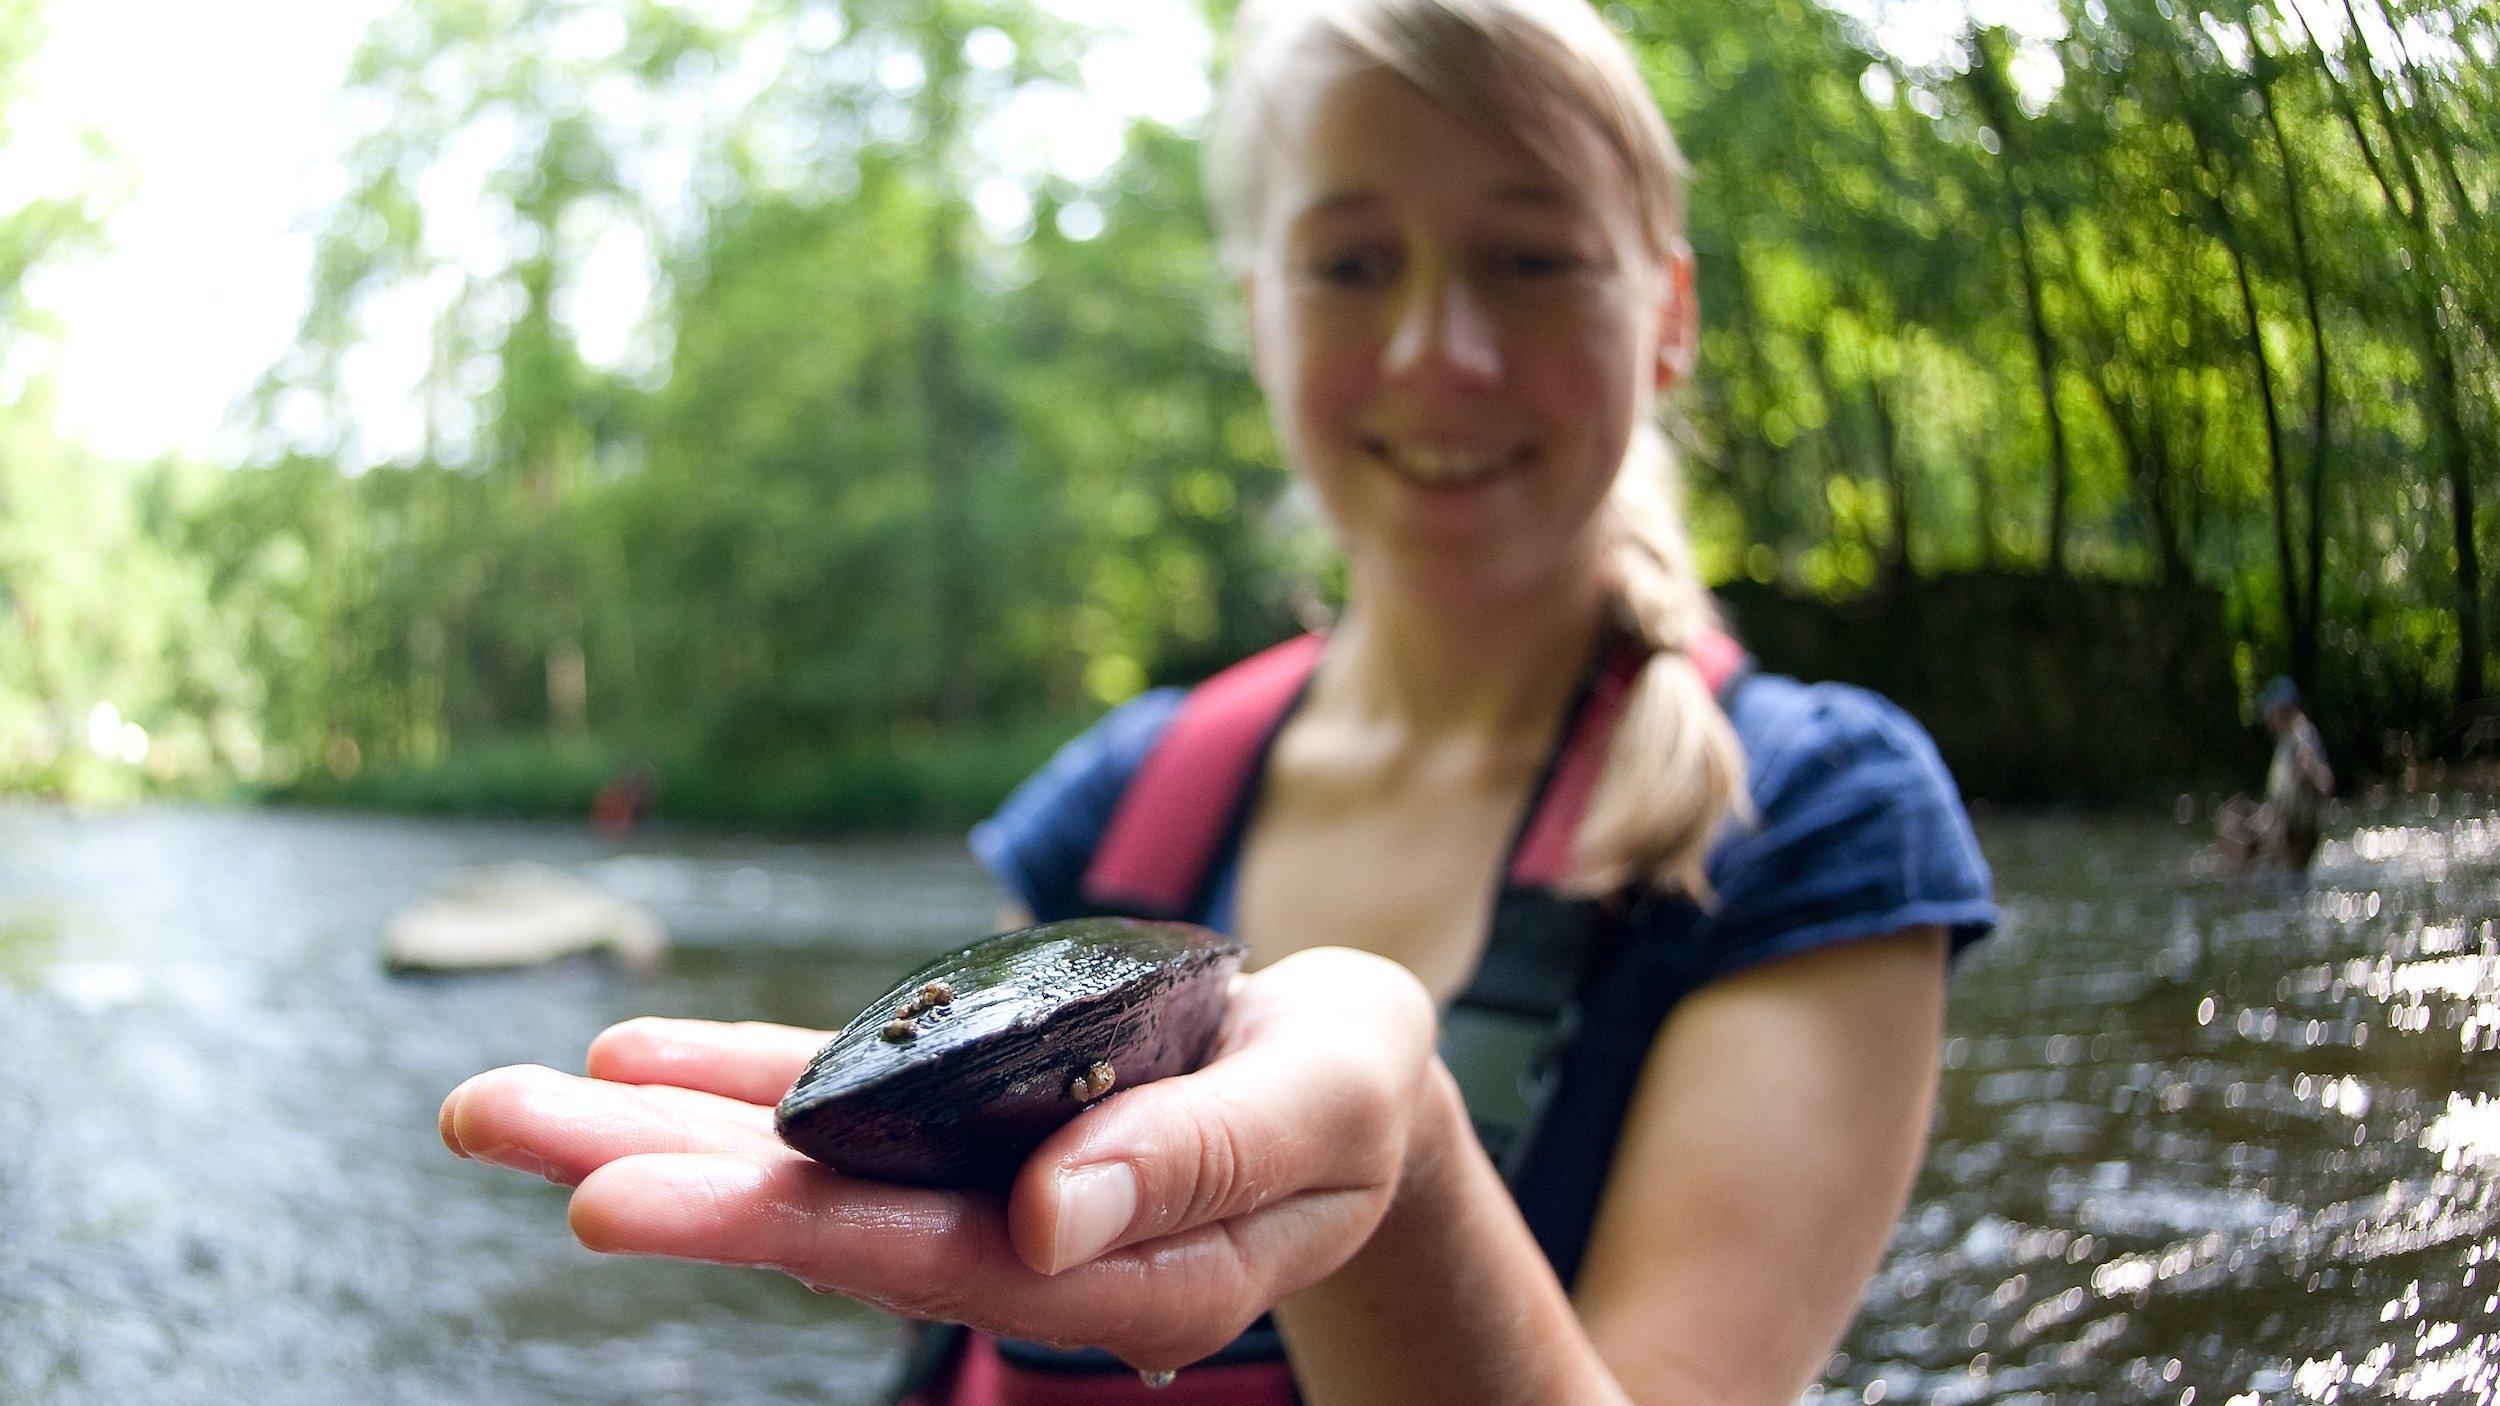 Eine junge Wissenschaftlerin steht in einem Fluss und hält eine Flussperlmuschel auf ihrer geöffneten Handfläche.